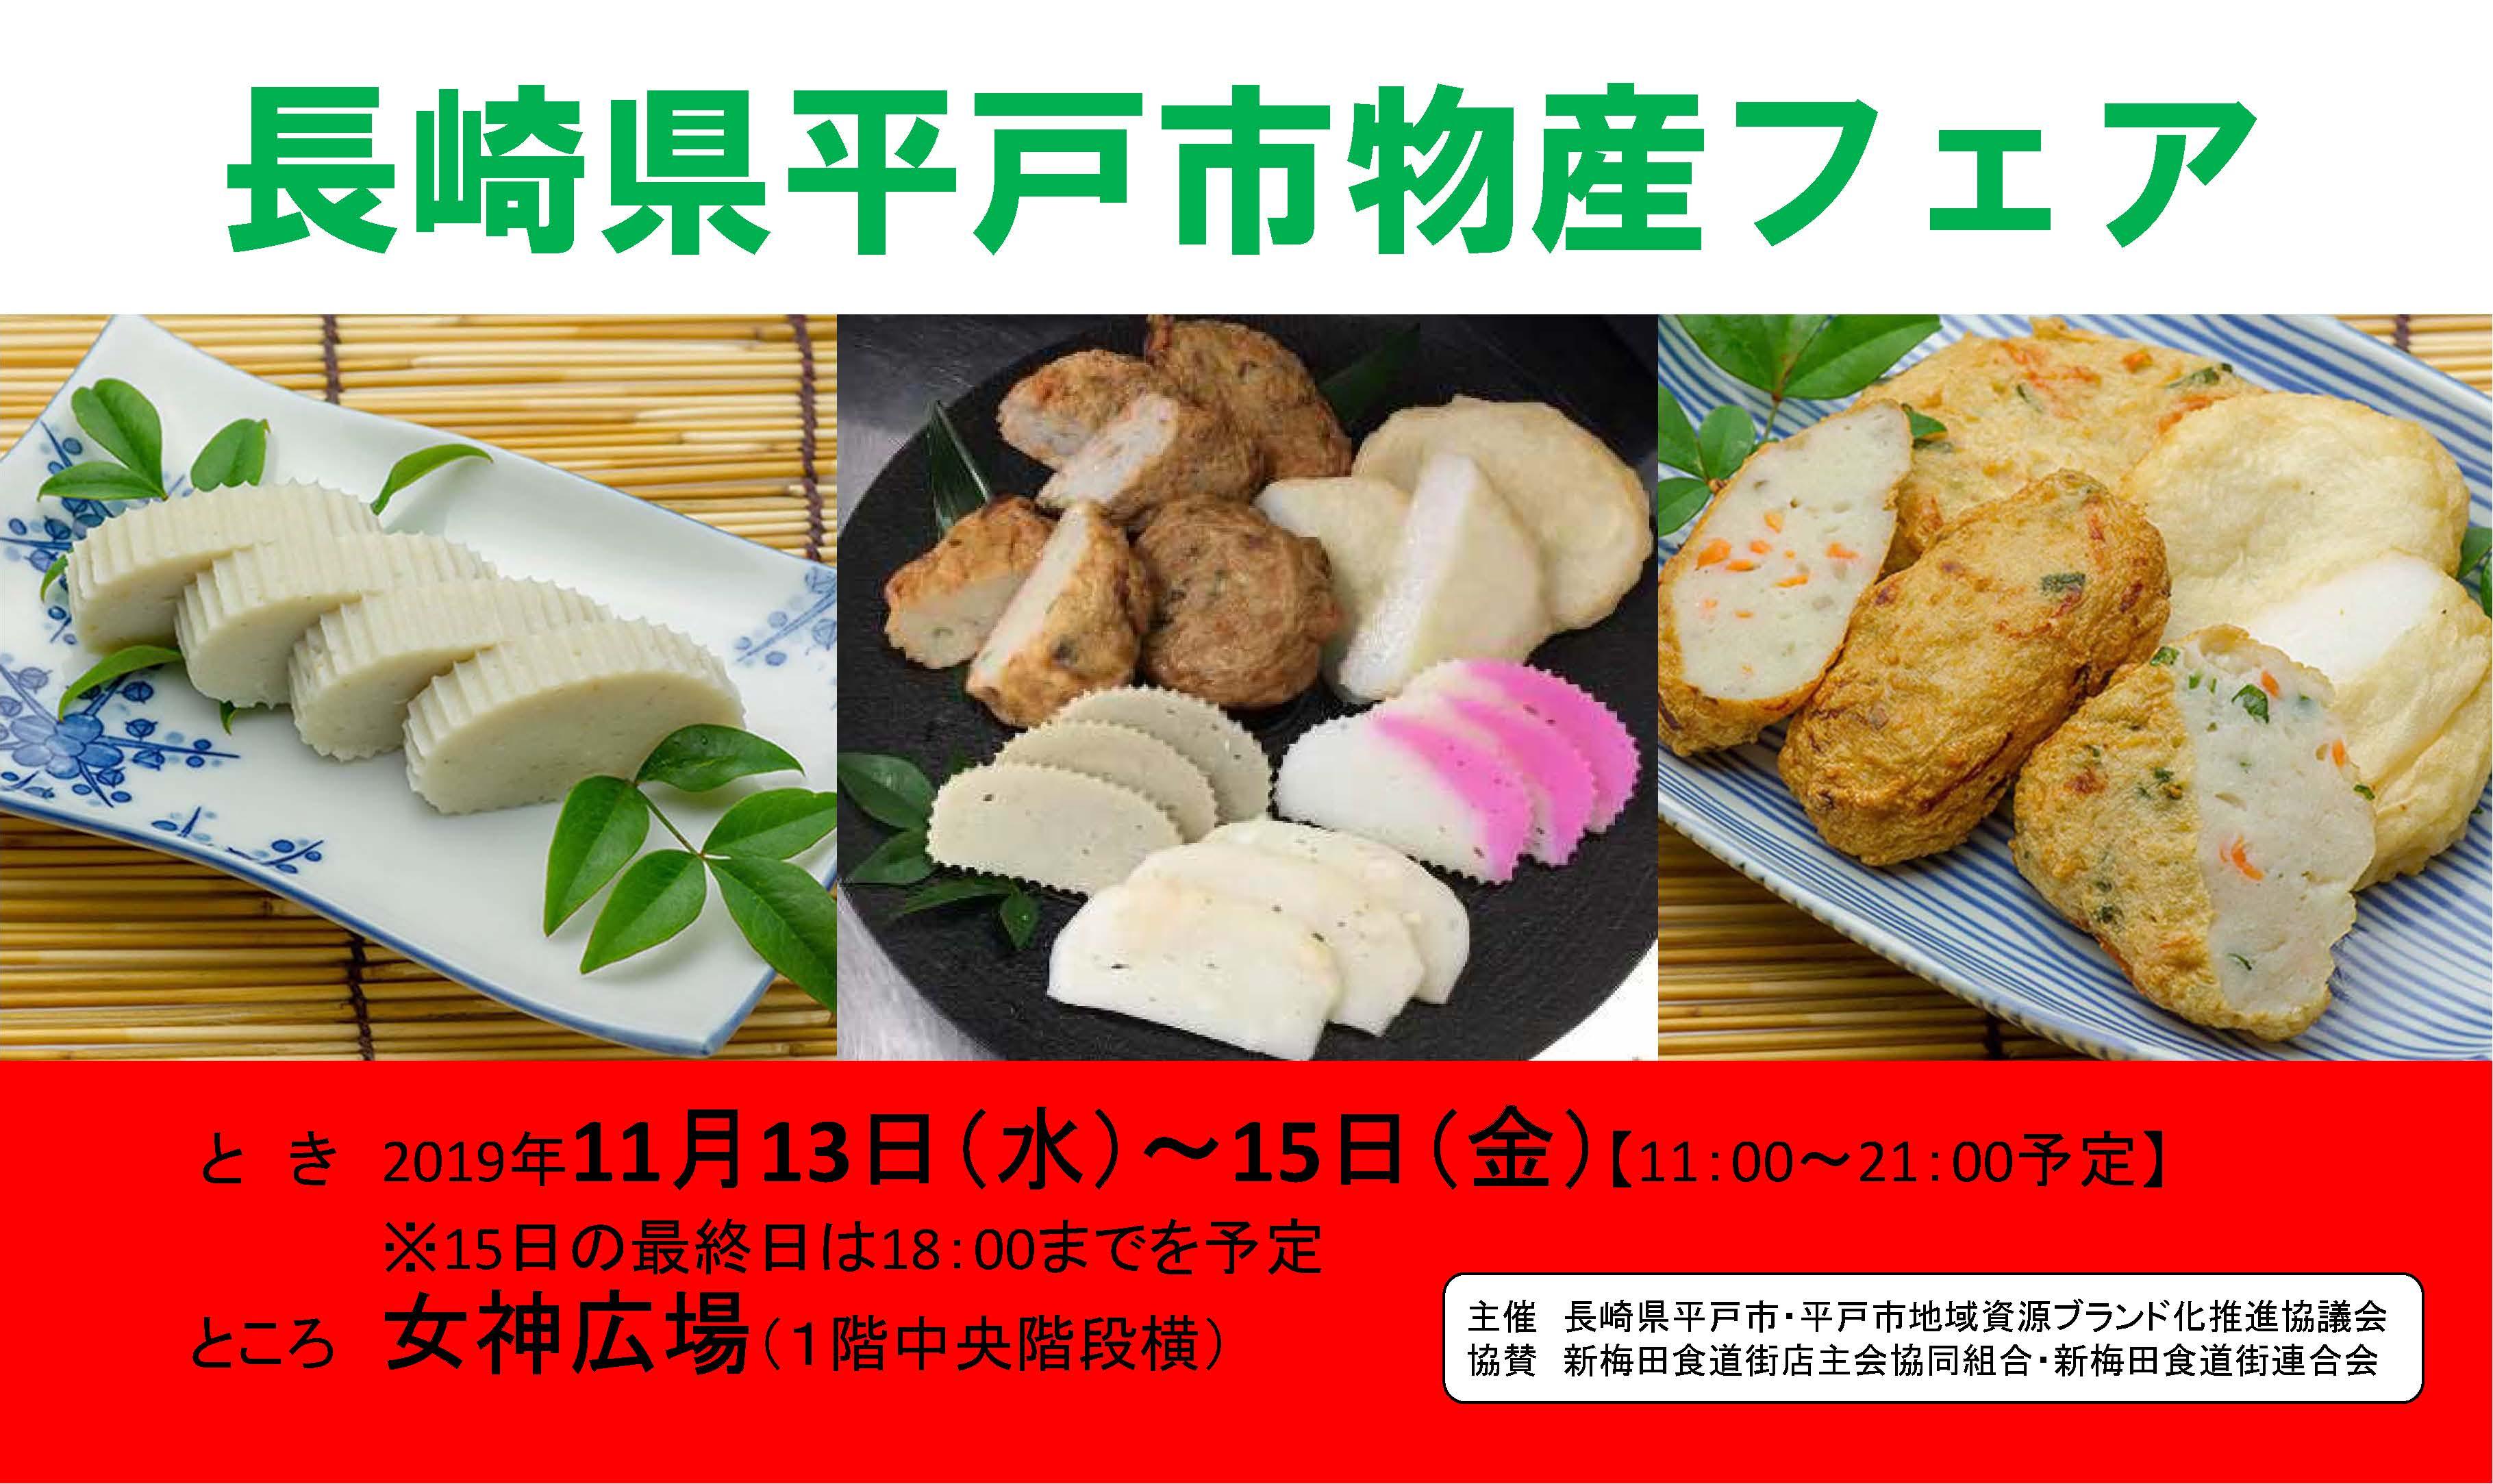 長崎県平戸市物産フェアを開催します!